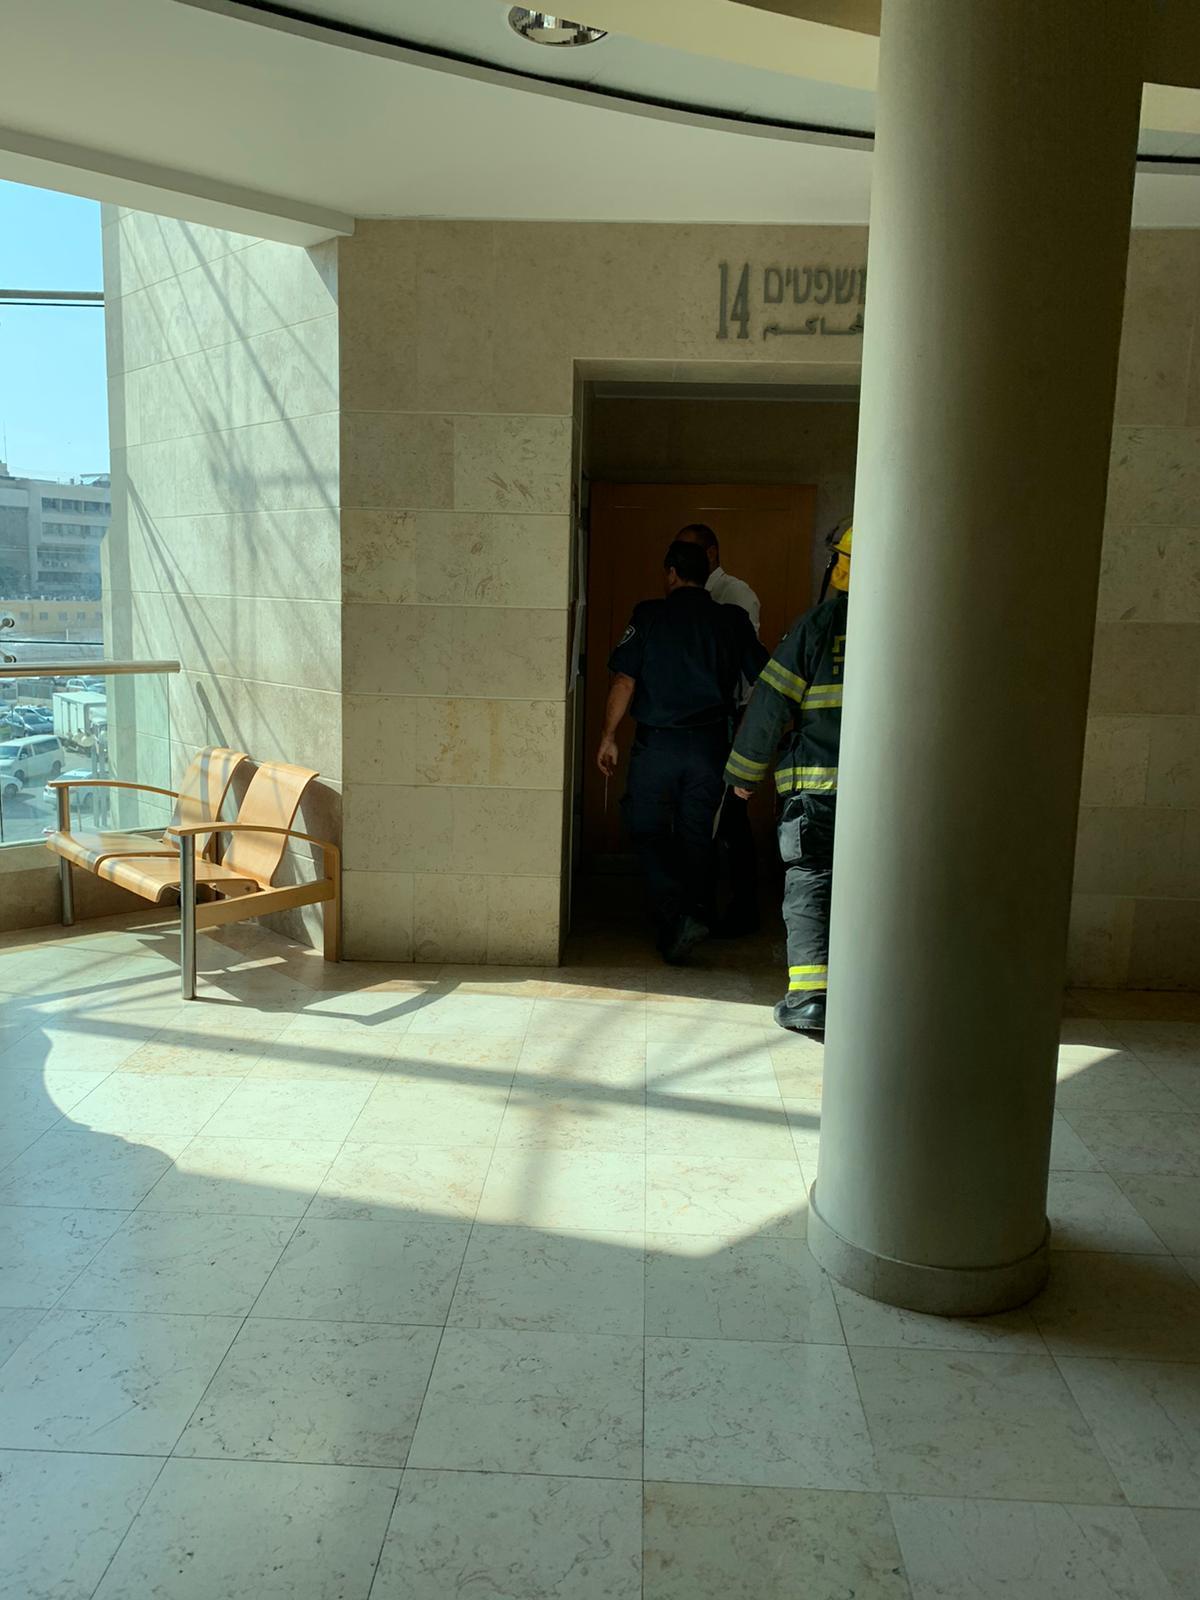 متهم يحرق نفسه في قاعة المحكمة ببئر السبع